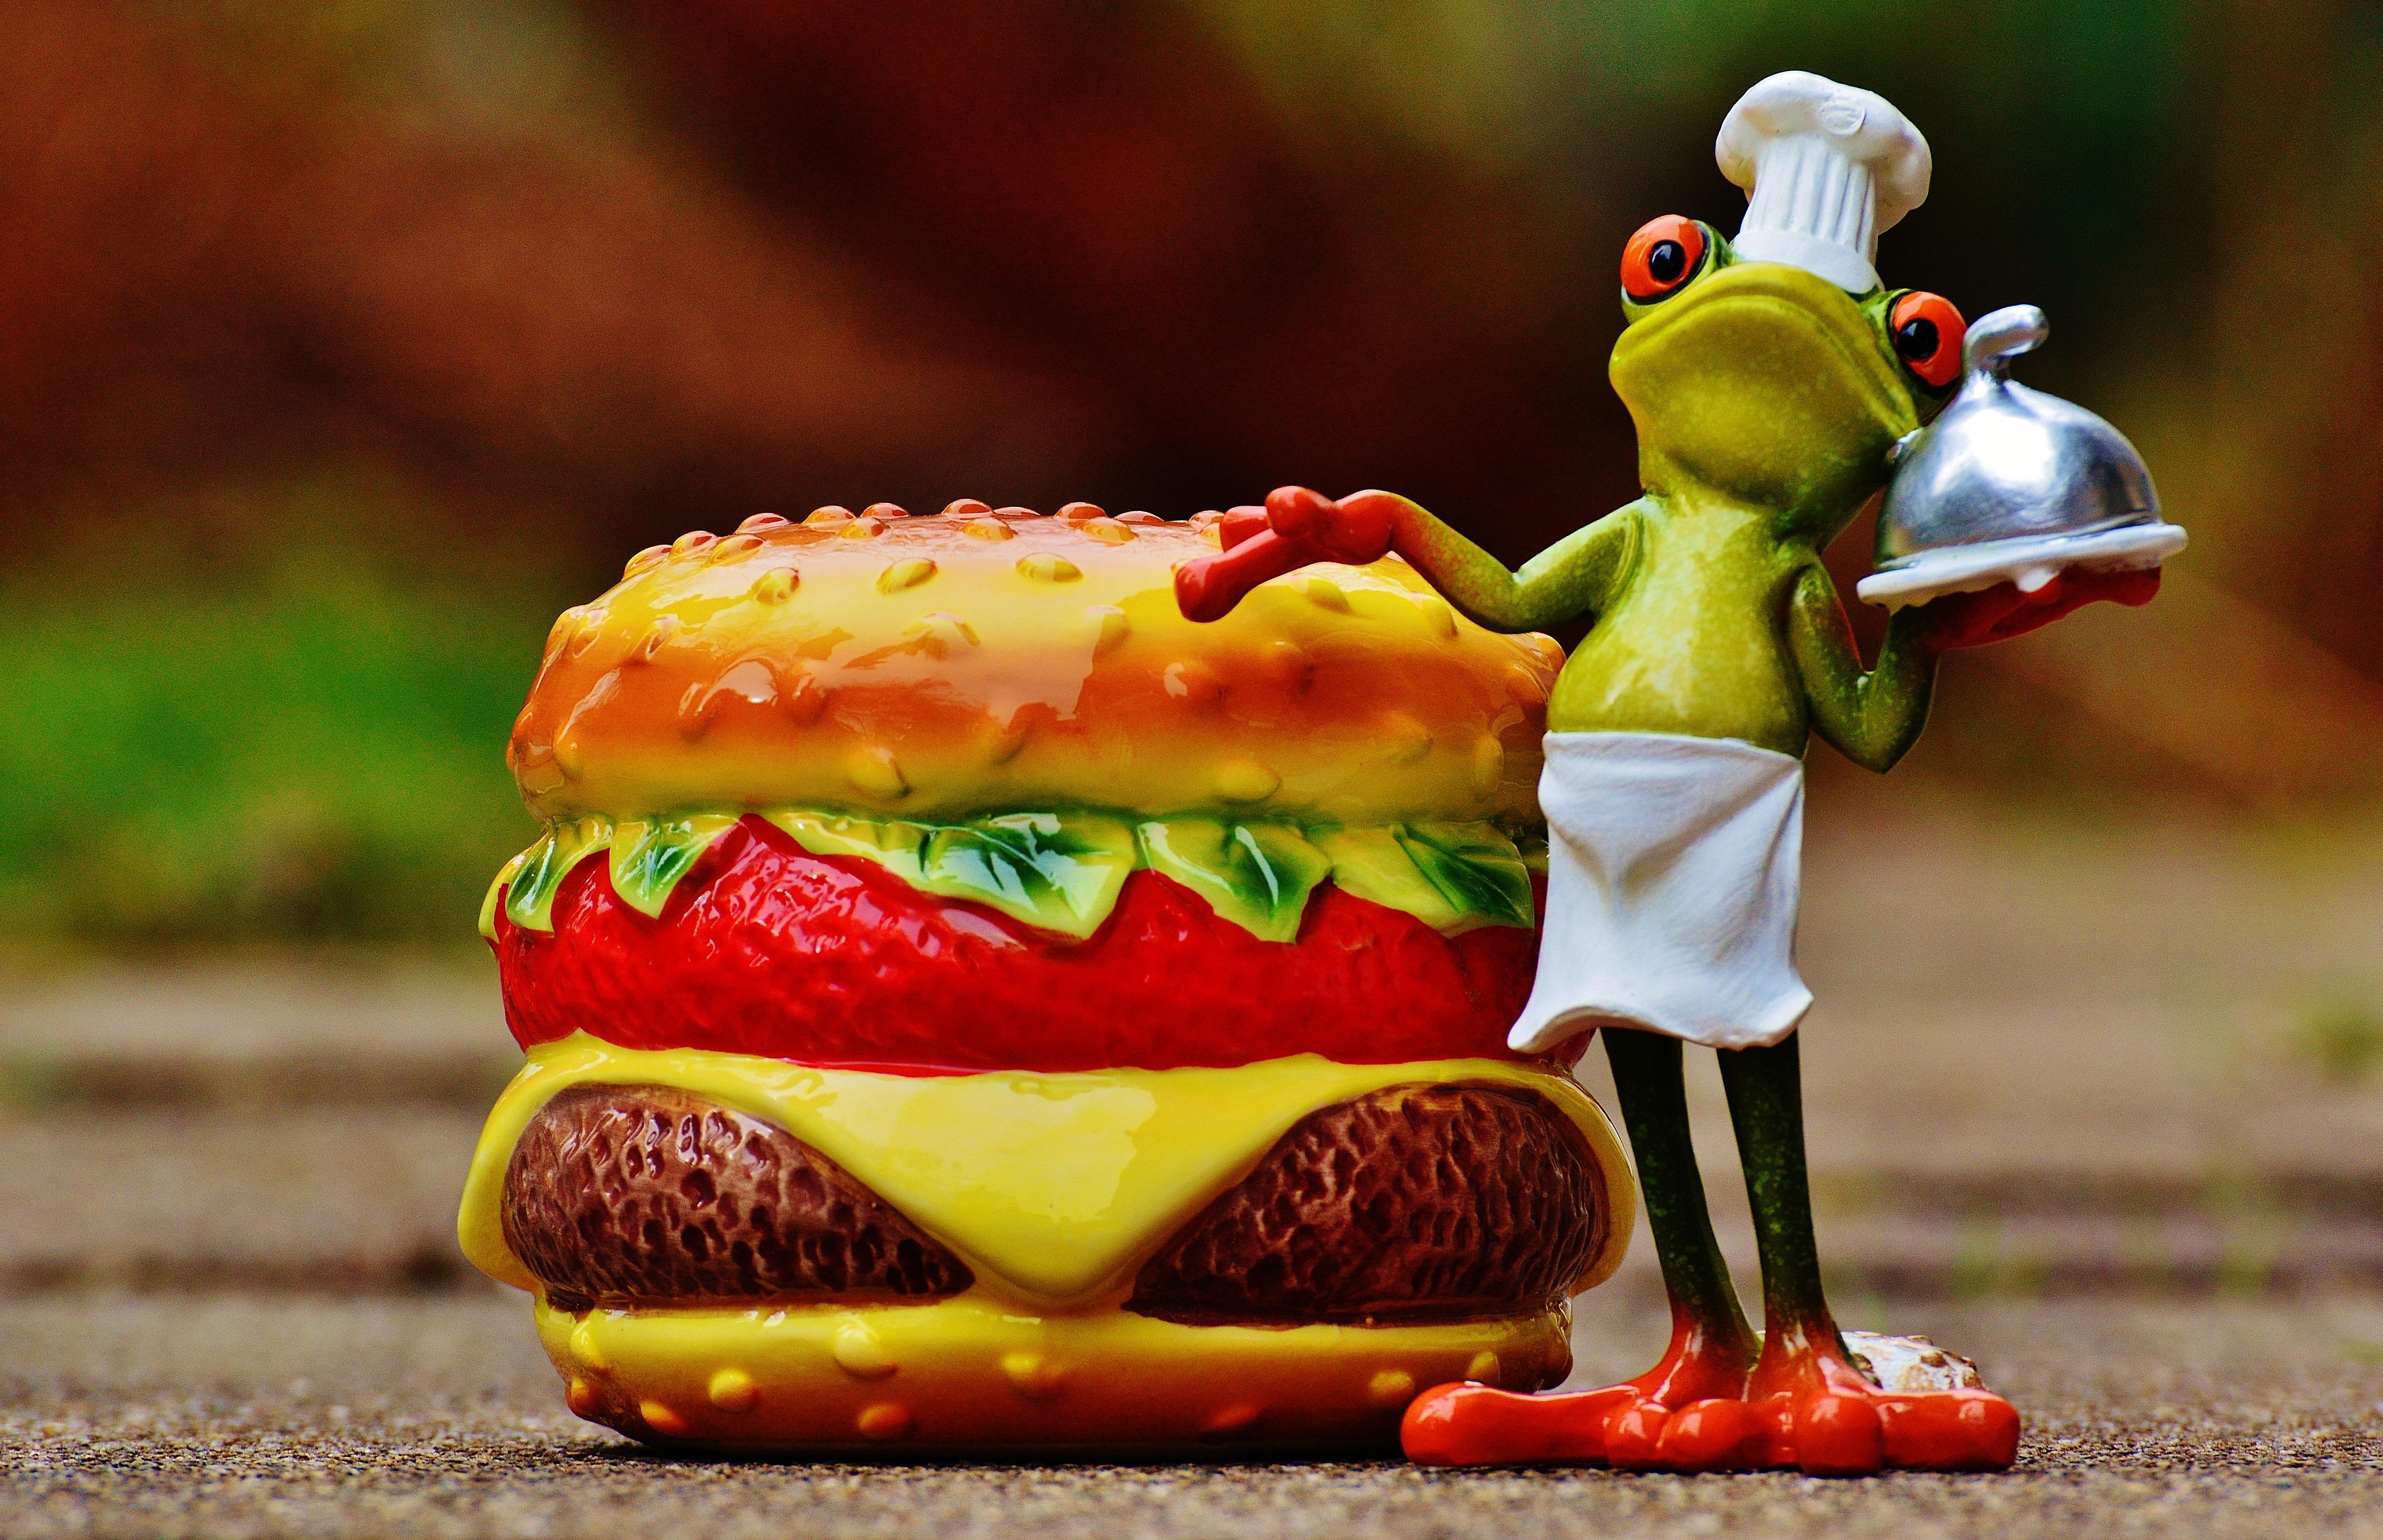 Юморные картинки с едой